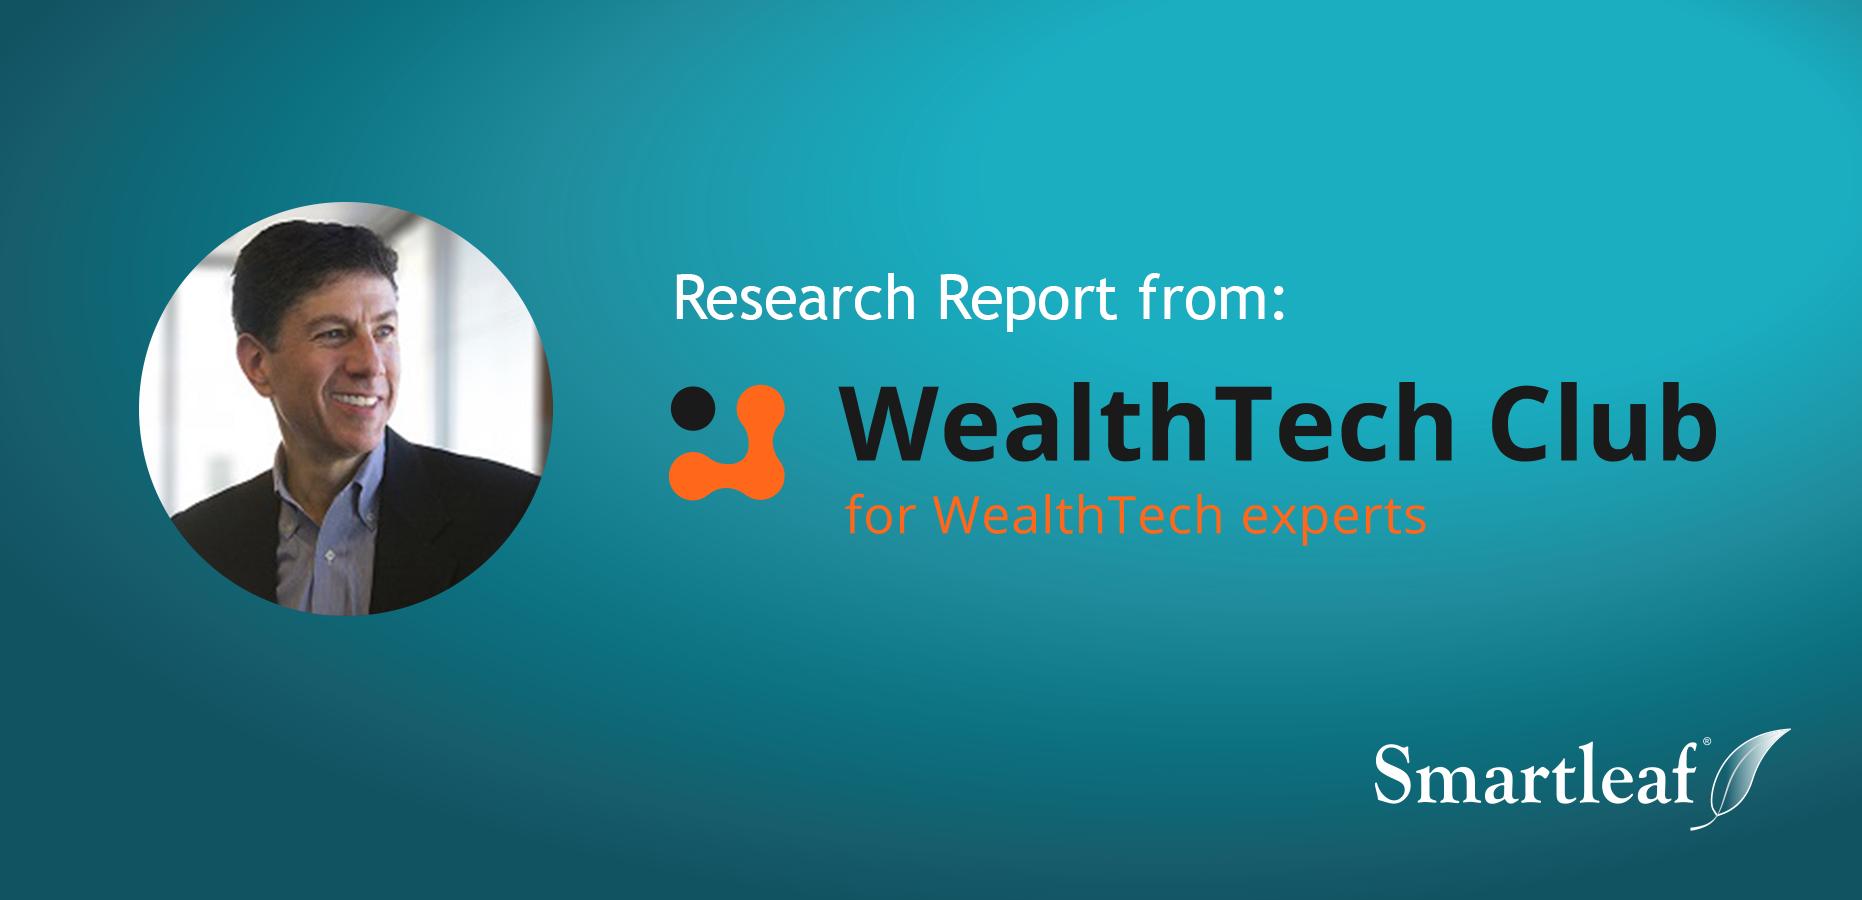 WealthTech Club Header Photo